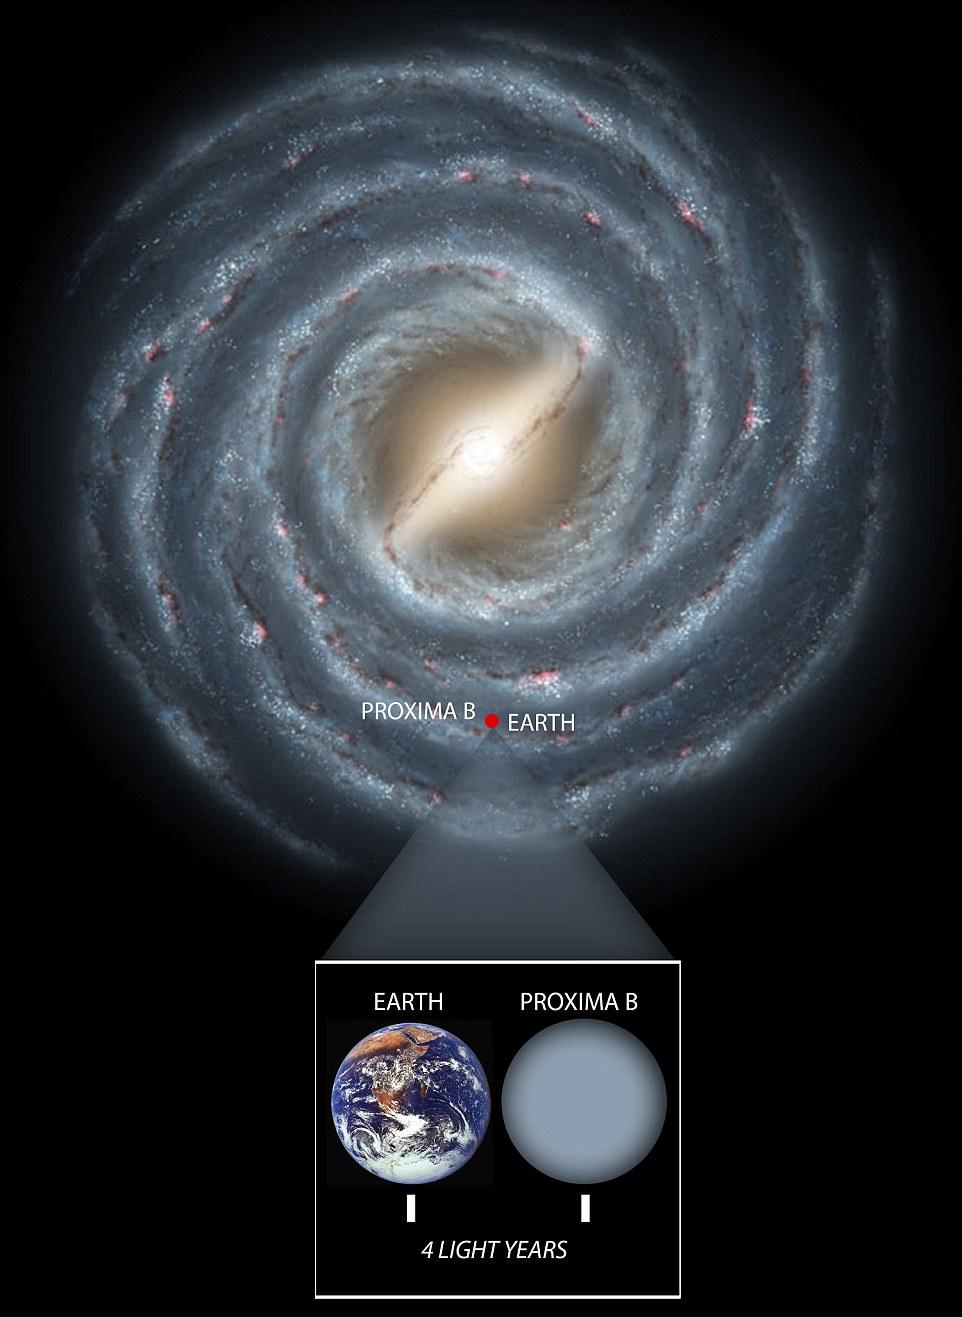 A Via Láctea (impressão do artista mostrada em cima) é de cerca de 100.000 anos-luz de diâmetro. Terra e Proximia B estão em 4 anos-luz de distância (no detalhe), tornando-os vizinhos galácticos. Os cientistas esperam que podemos chegar ao planeta nas próximas décadas